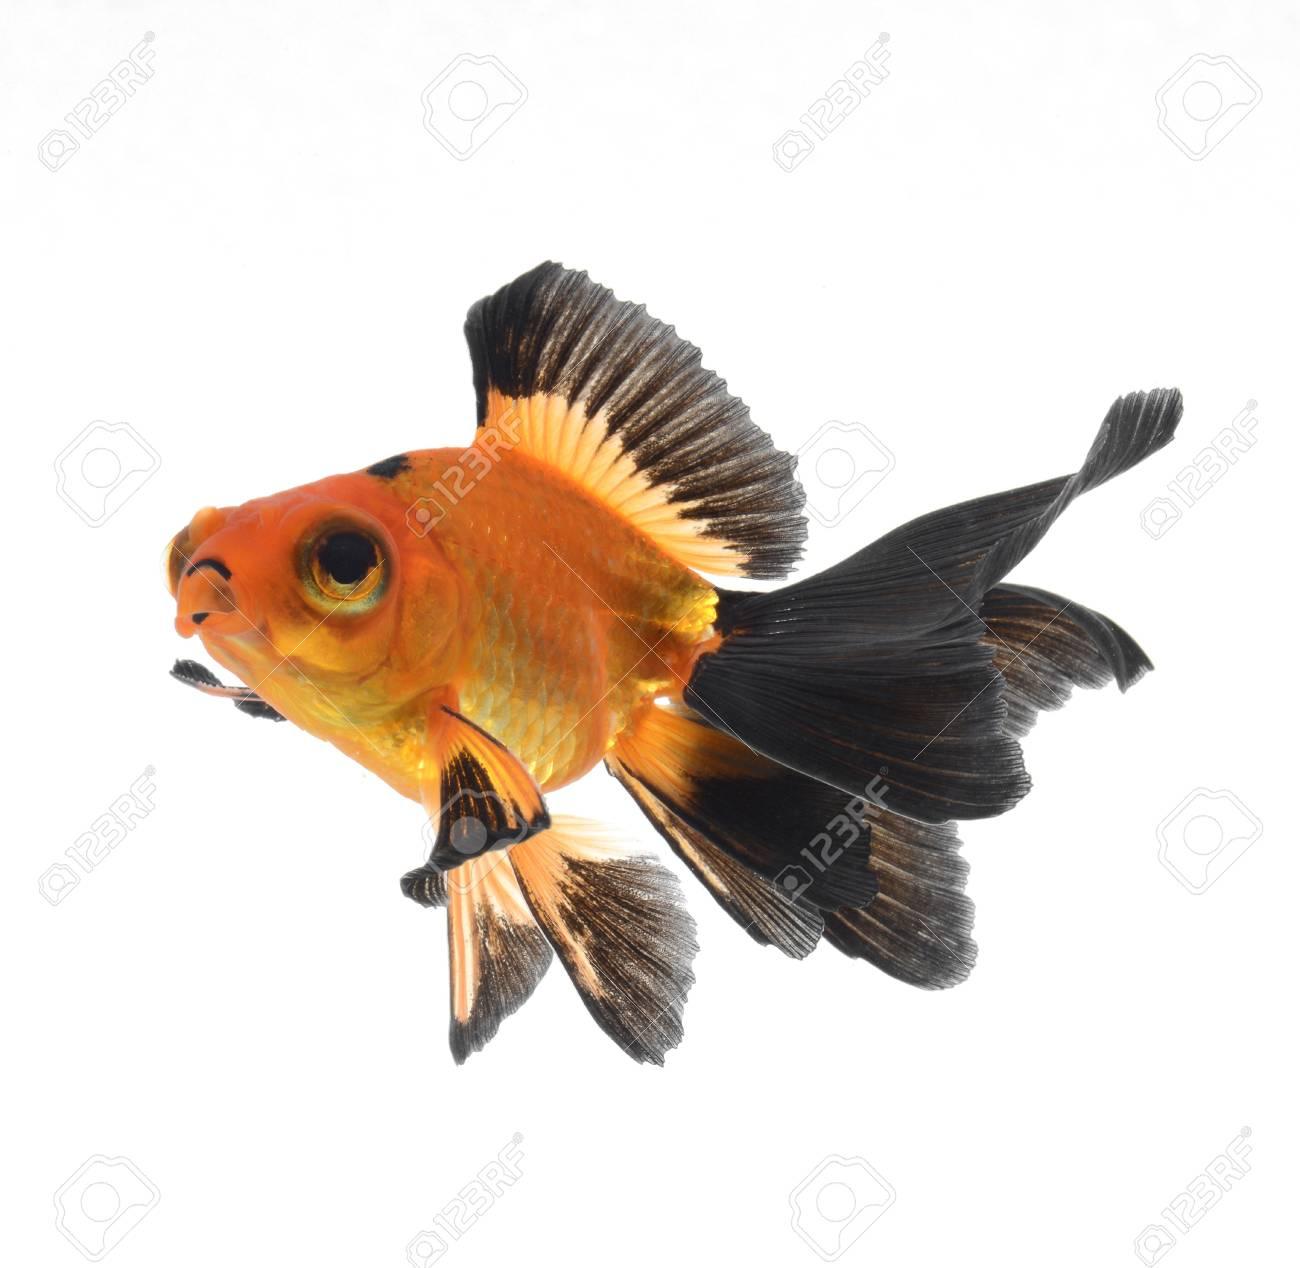 goldfish isolated on white background Stock Photo - 18334152